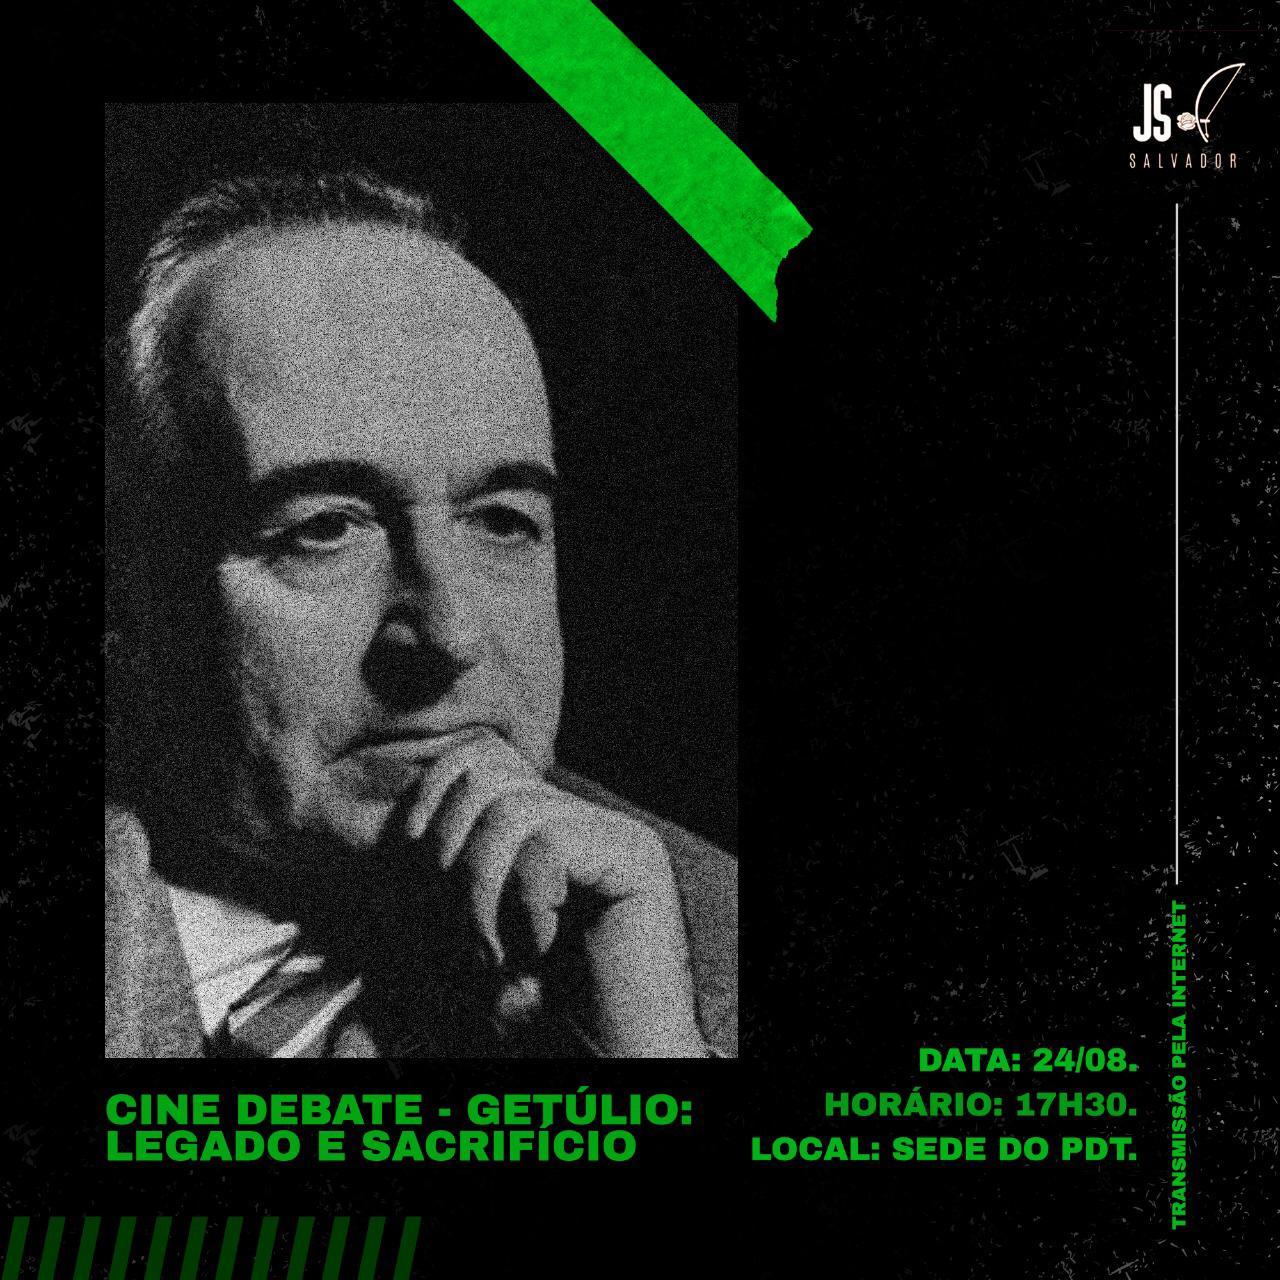 Course Image CINE DEBATE - GETÚLIO VARGAS: LEGADO E SACRIFÍCIO